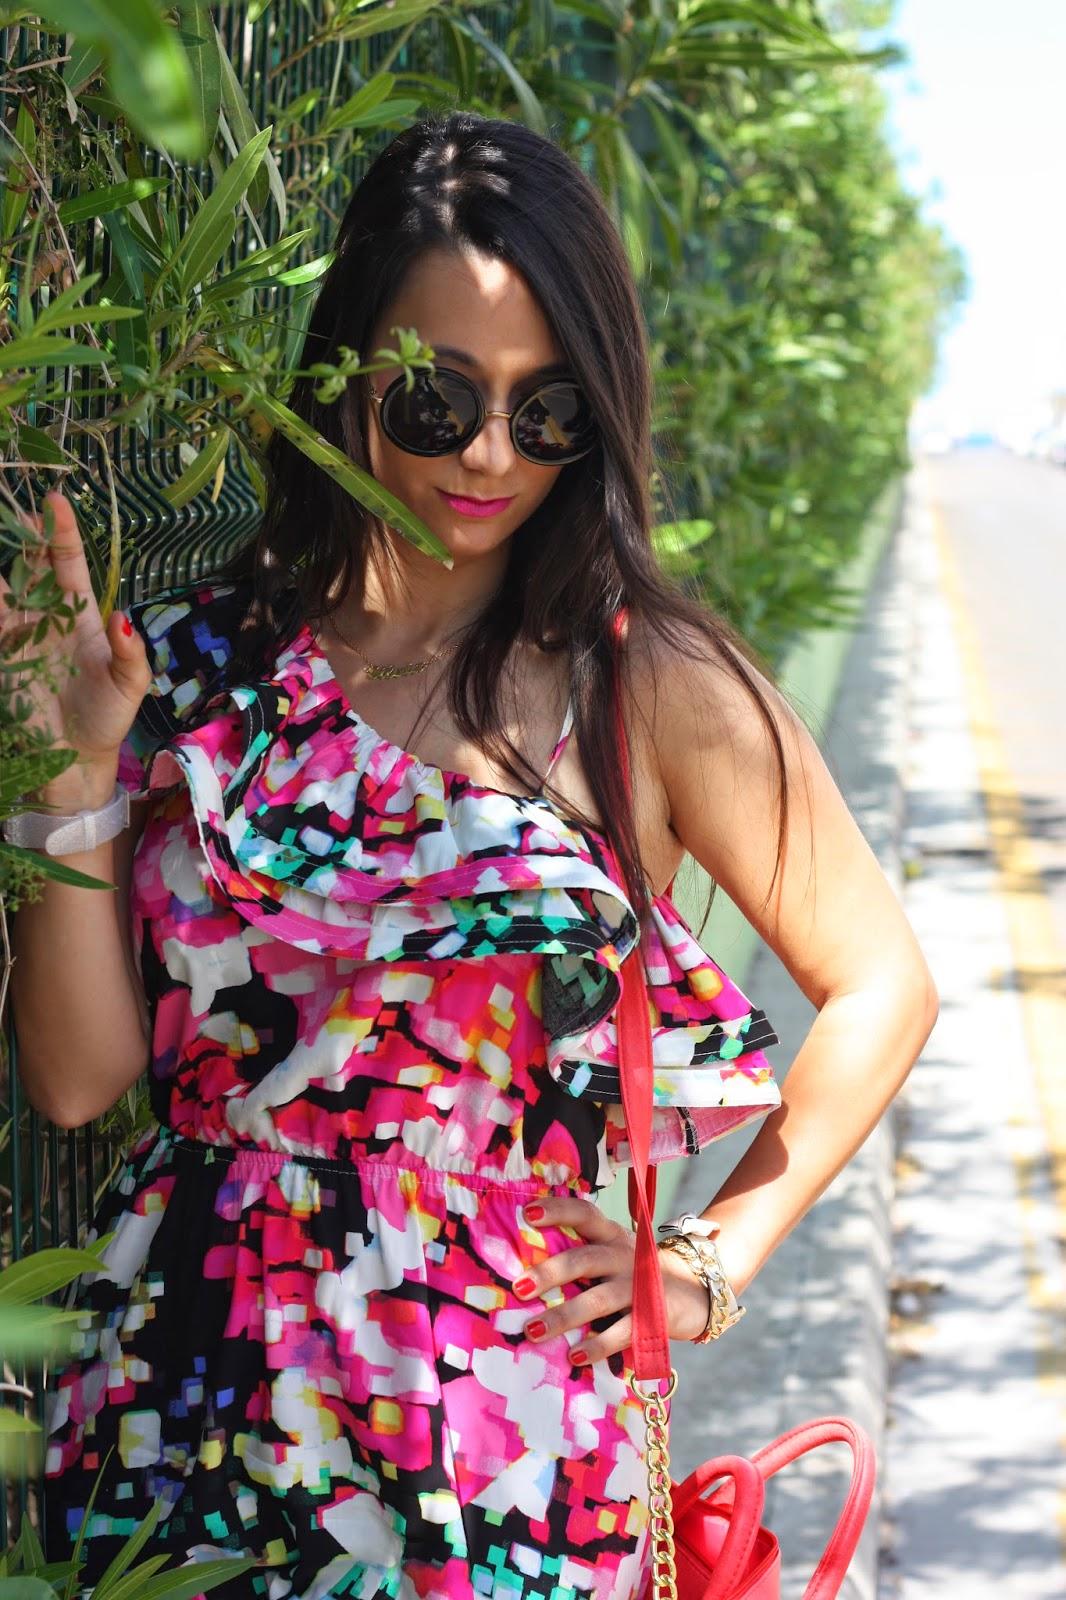 http://silviparalasamigas.blogspot.com.es/2014/05/vestido-estilo-mejicano.html